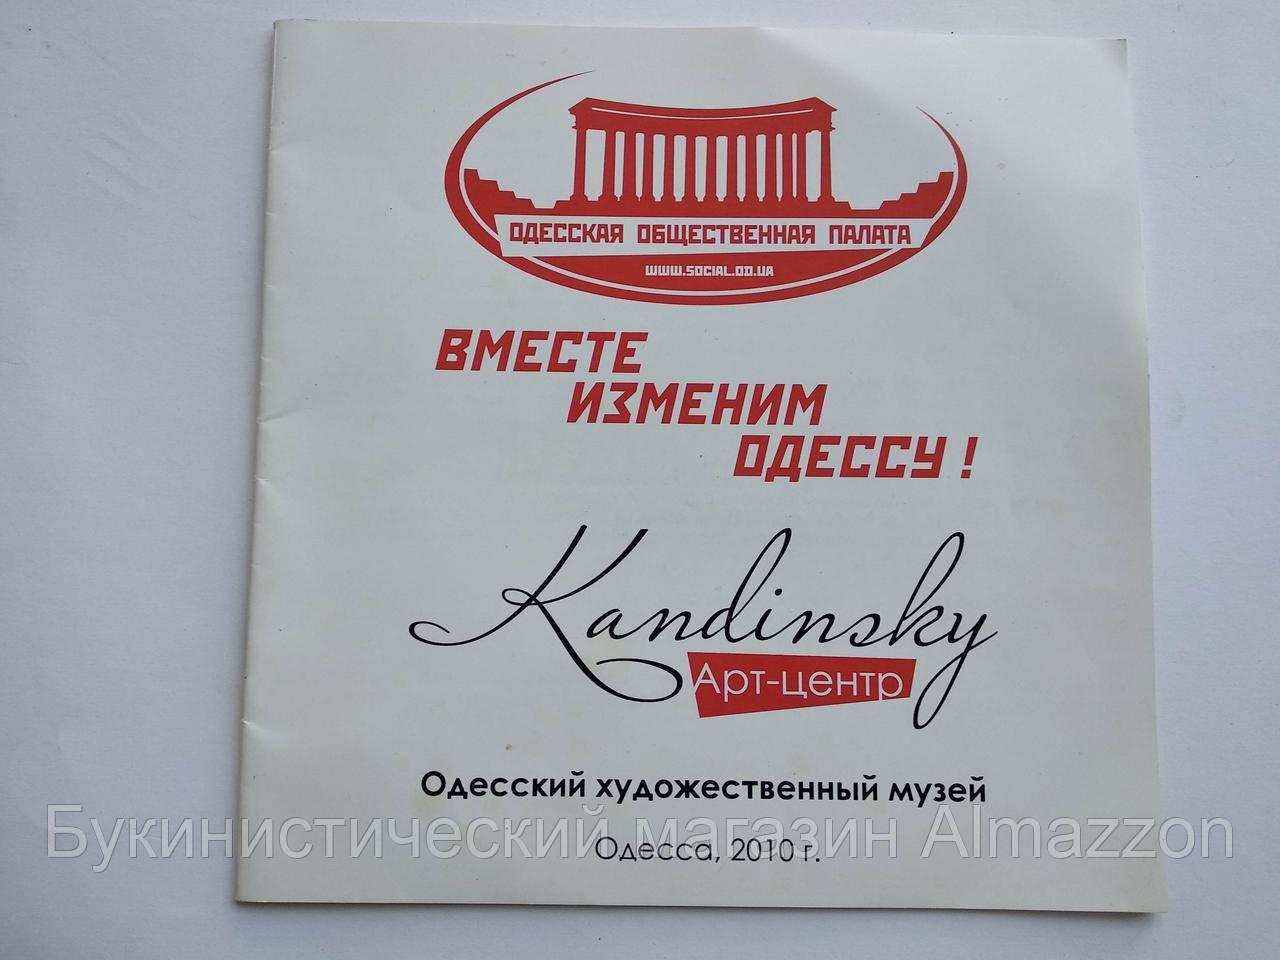 Одесский художественный музей. Буклет. Одесса. 2010 год